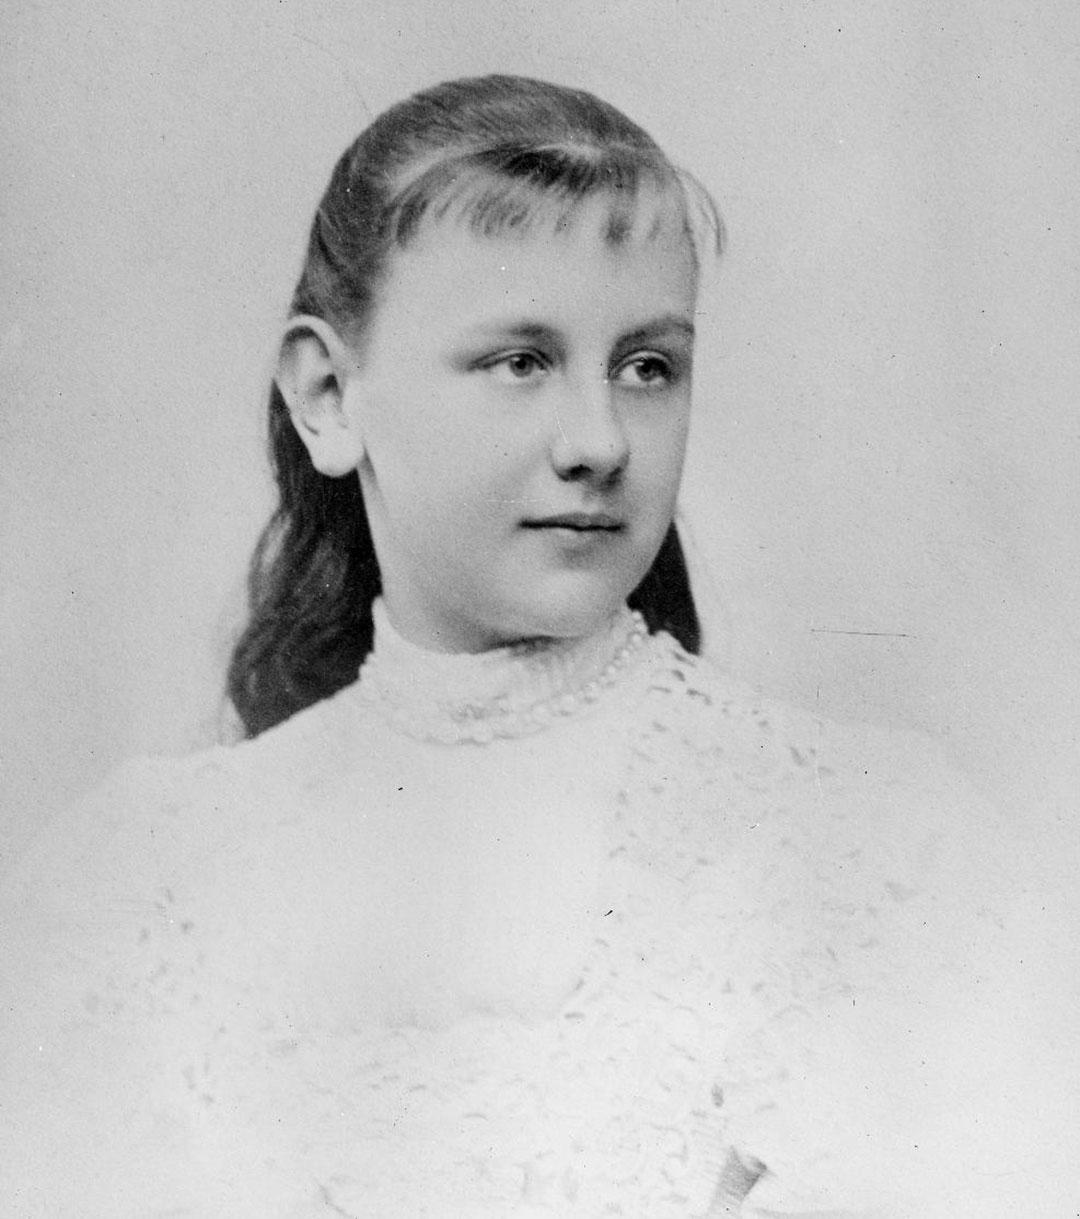 La reina Guillermina en 1890